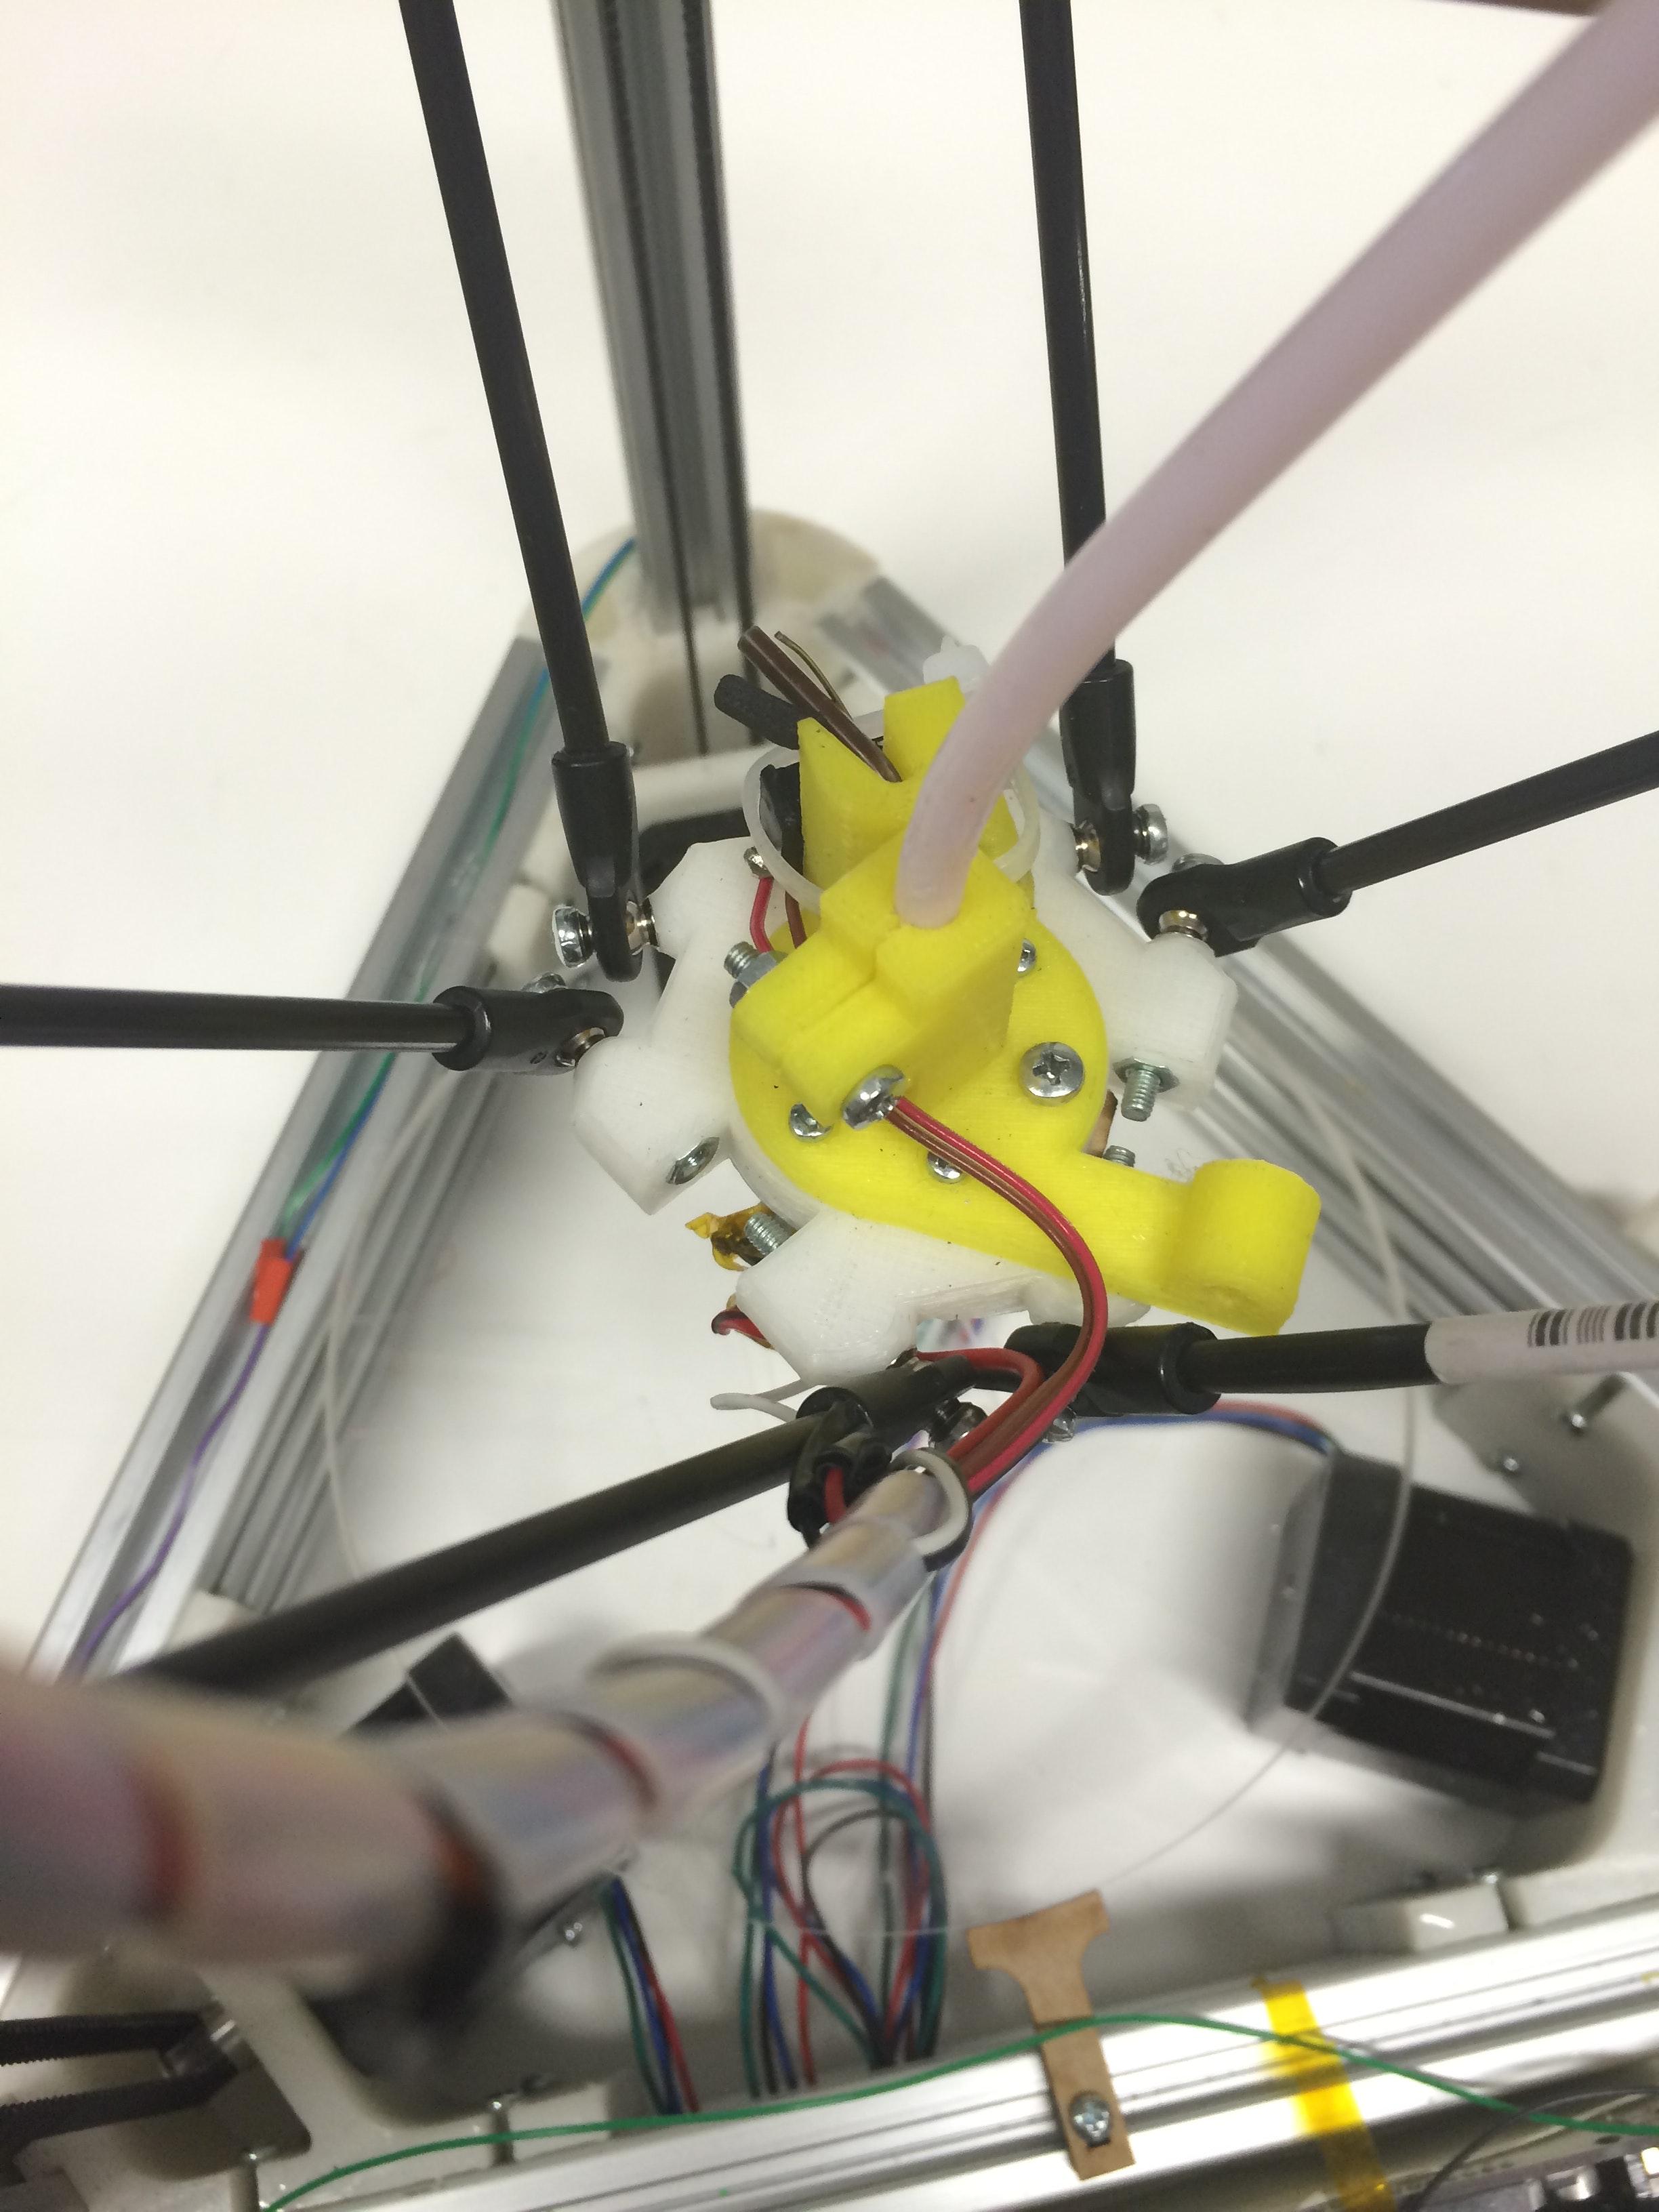 Mixshop Mini Kossel 3D Printer Kit